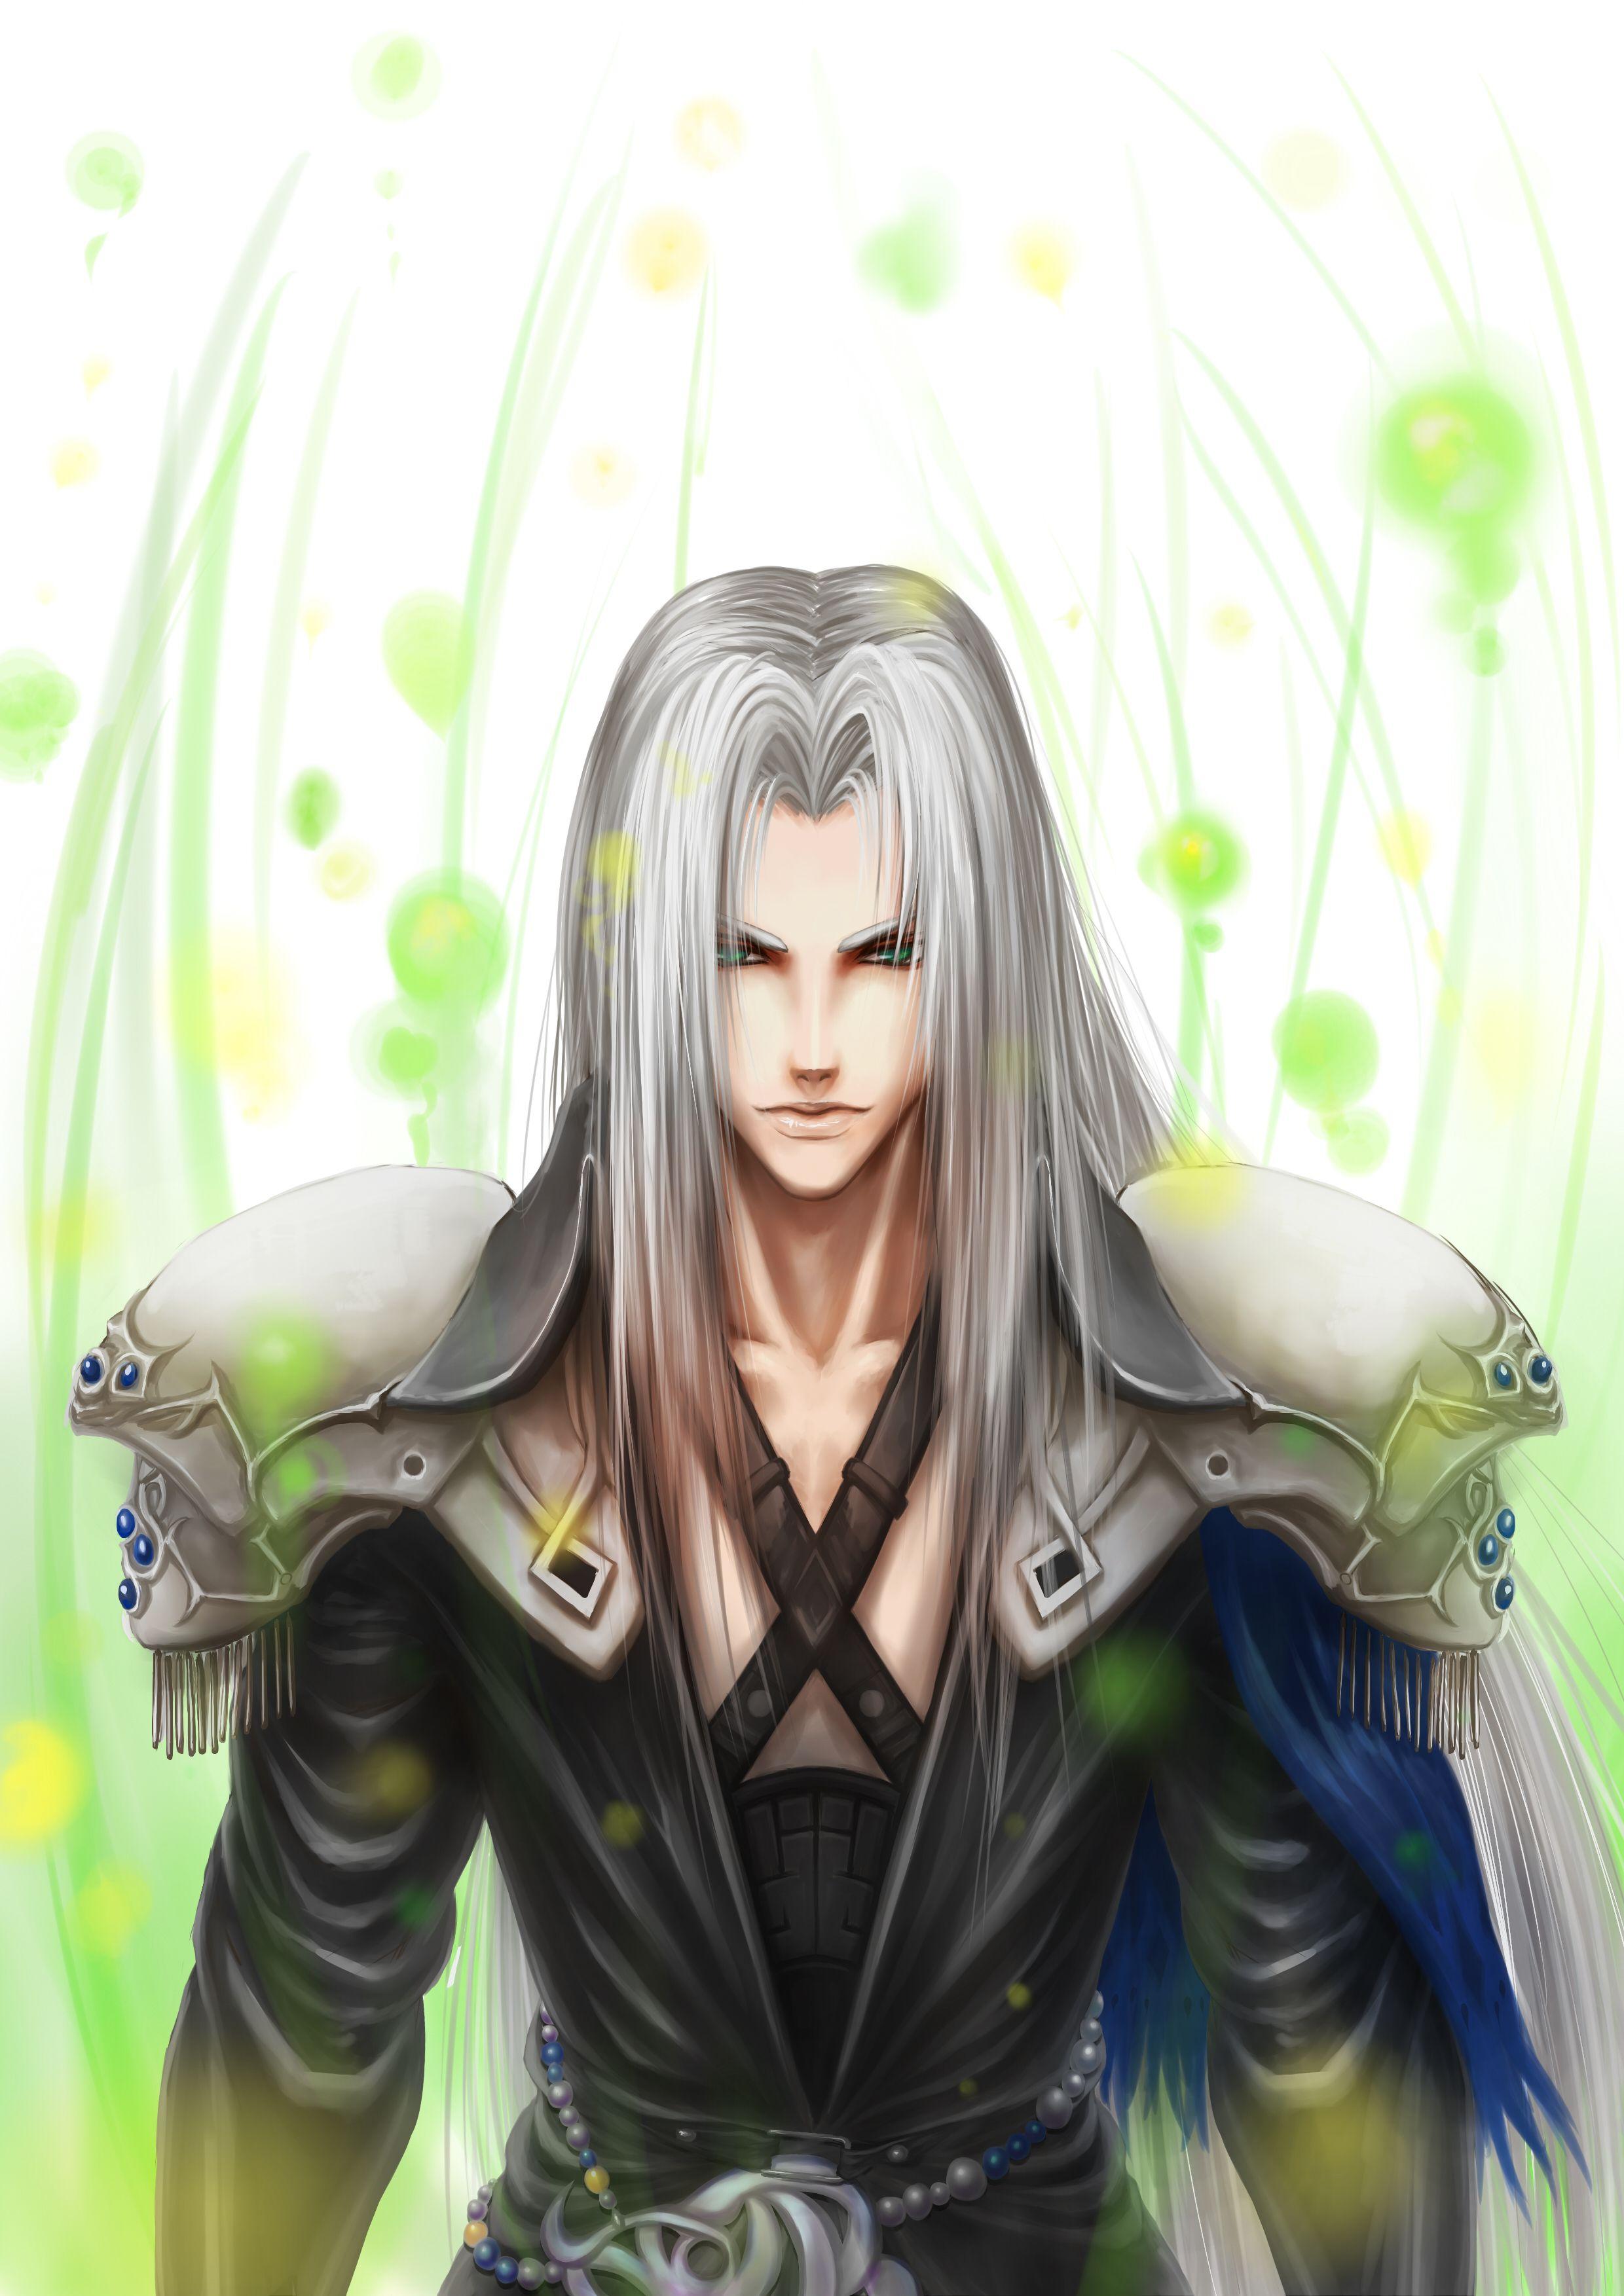 セフィロス Sephiroth Pentaclesのイラスト Final fantasy vii